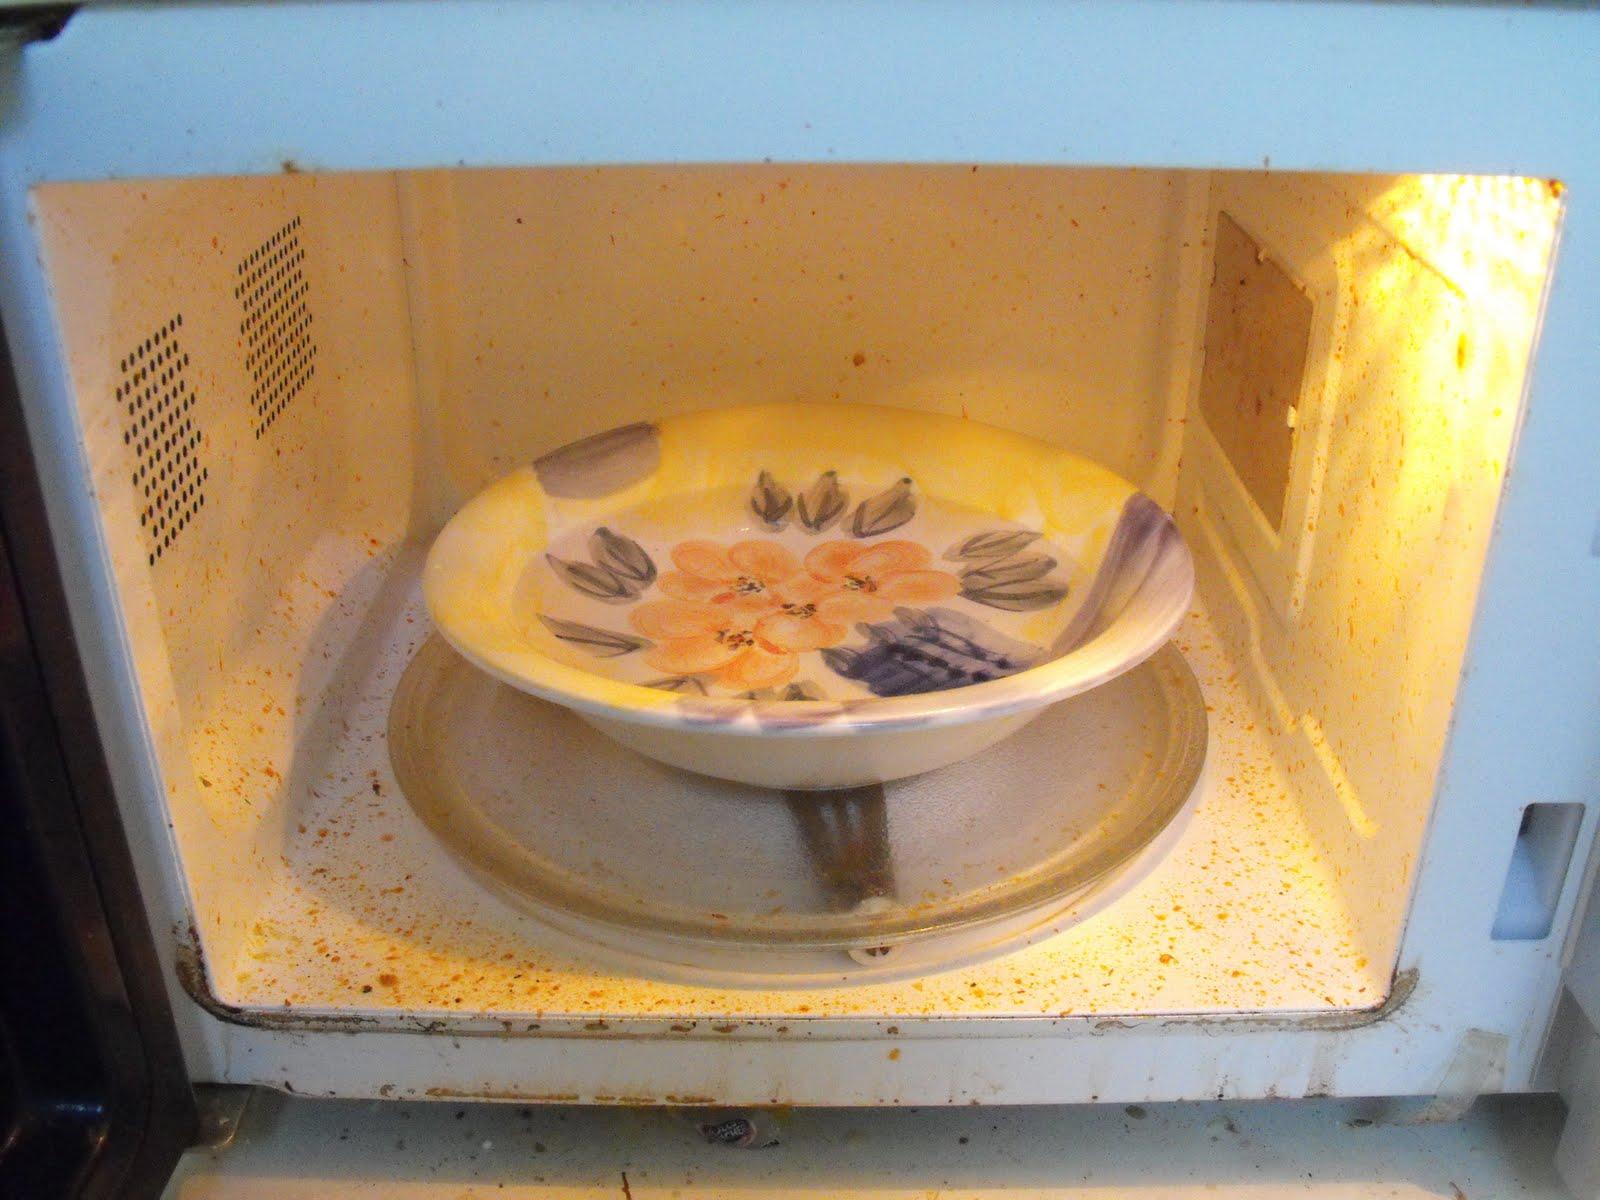 Как очистить микроволновку в домашних условиях лимонной